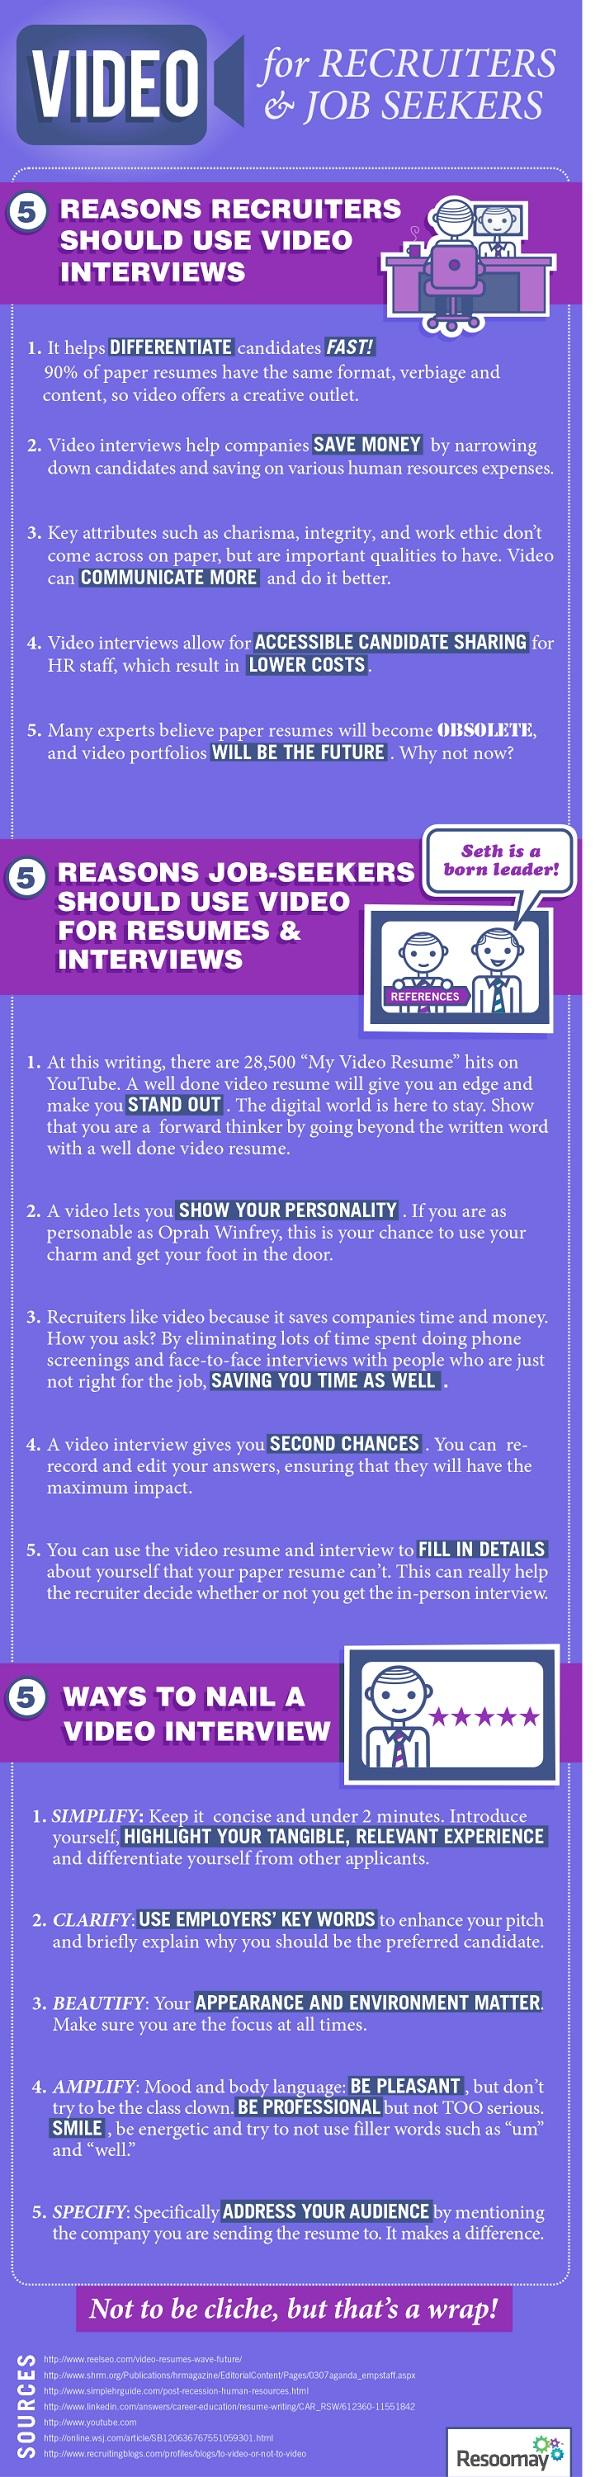 video interview sollicitatie Waarom video interviews handig zijn voor sollicitanten en  video interview sollicitatie